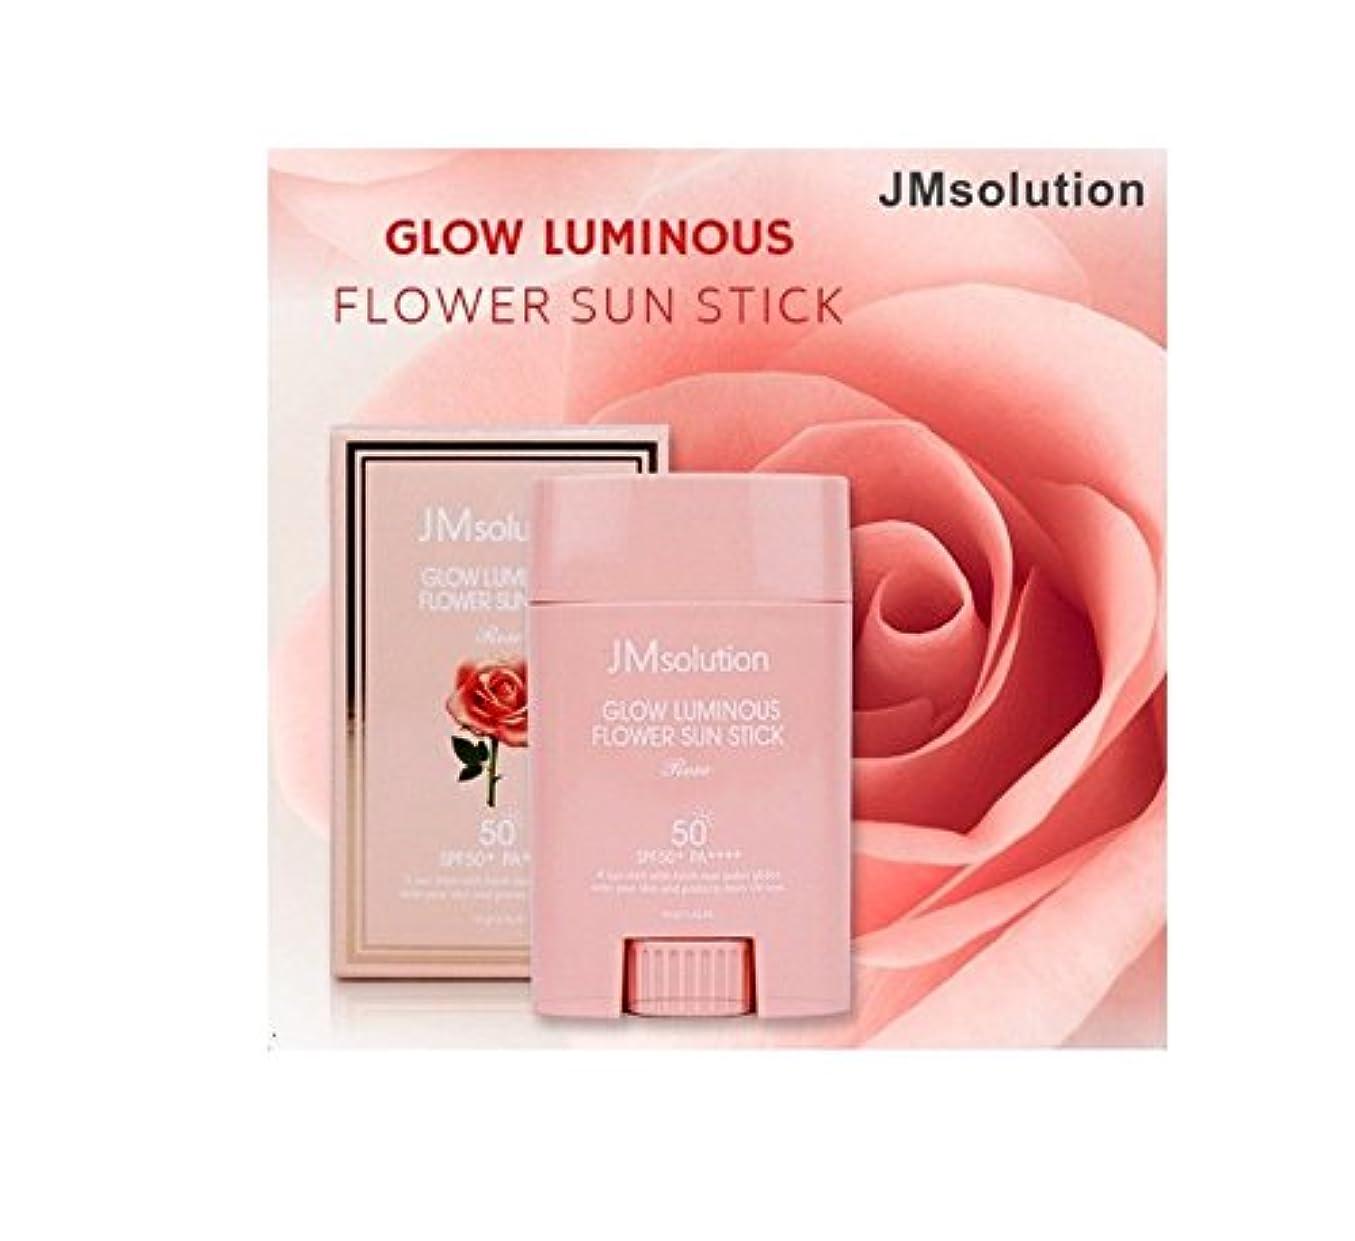 謙虚スピリチュアル隔離JM Solution Glow Luminous Flower Sun Stick Rose 21g (spf50 PA) 光る輝く花Sun Stick Rose